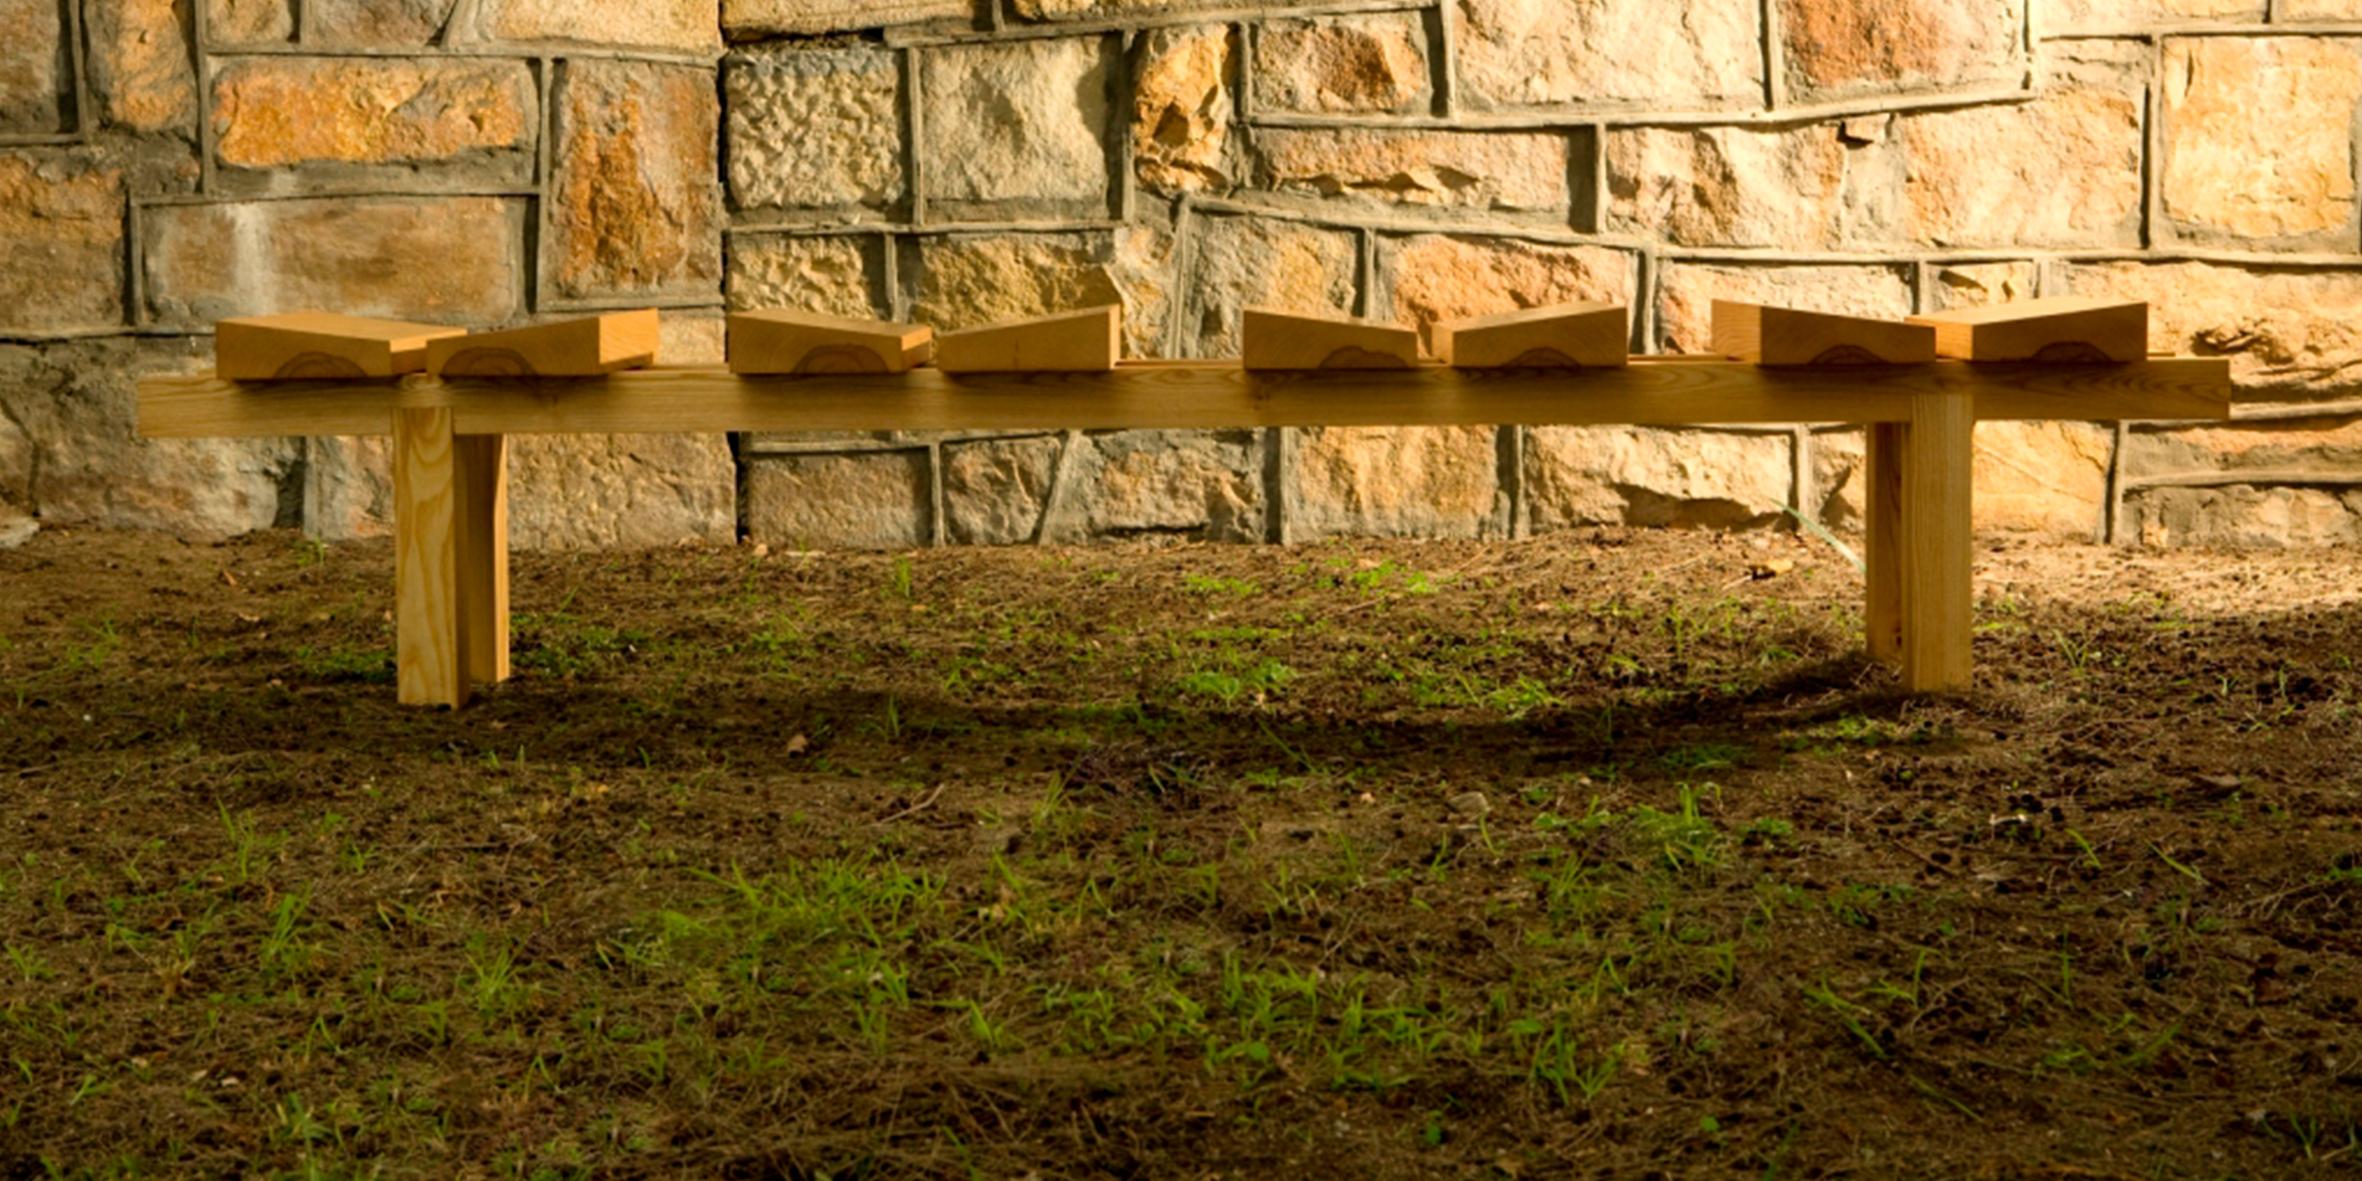 bench one, 2500 l x 400 w x 400 h